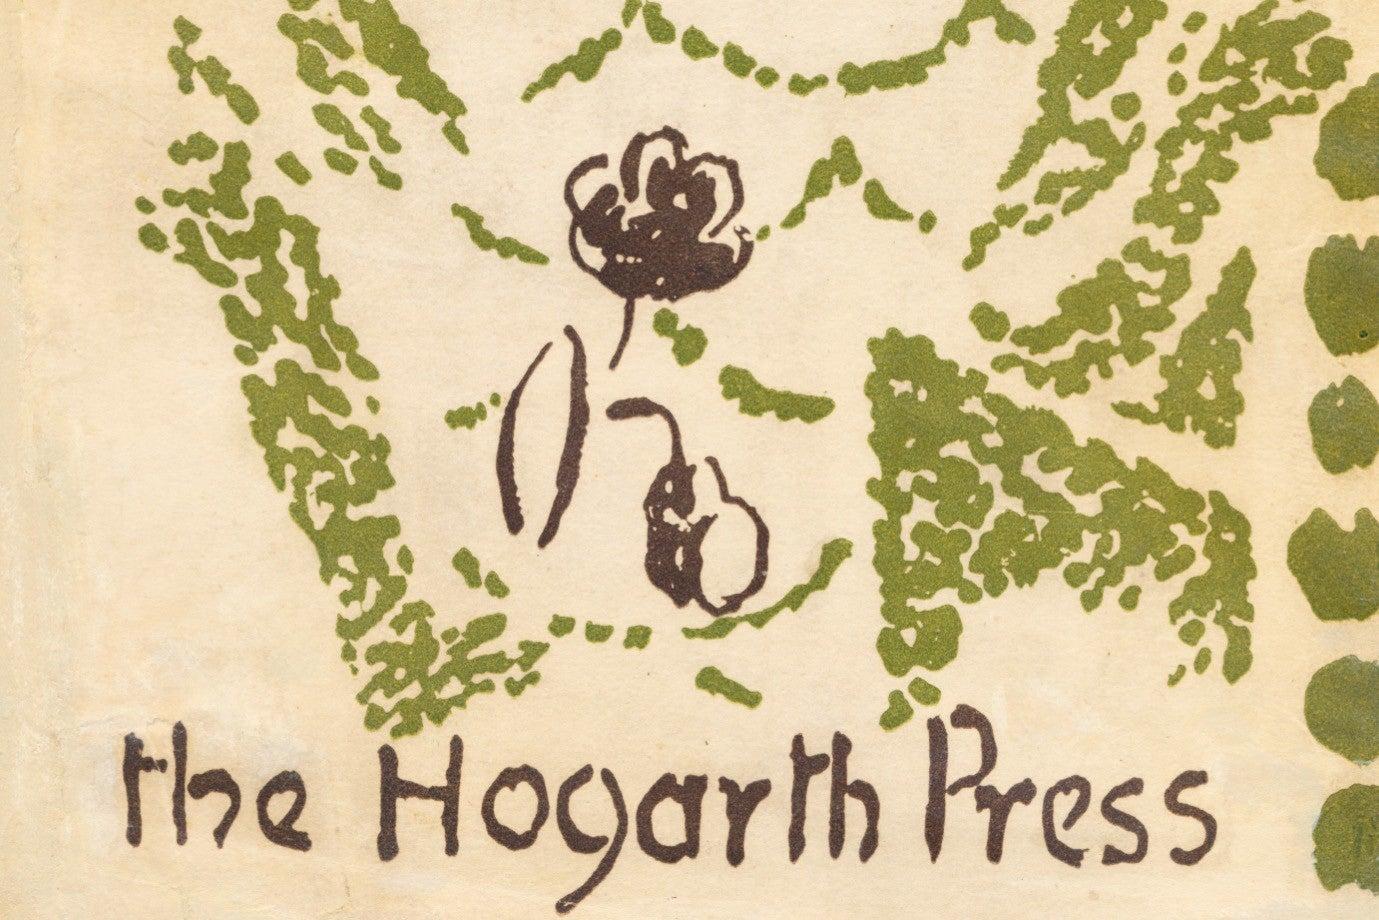 Hogarth Press Vanessa Bell